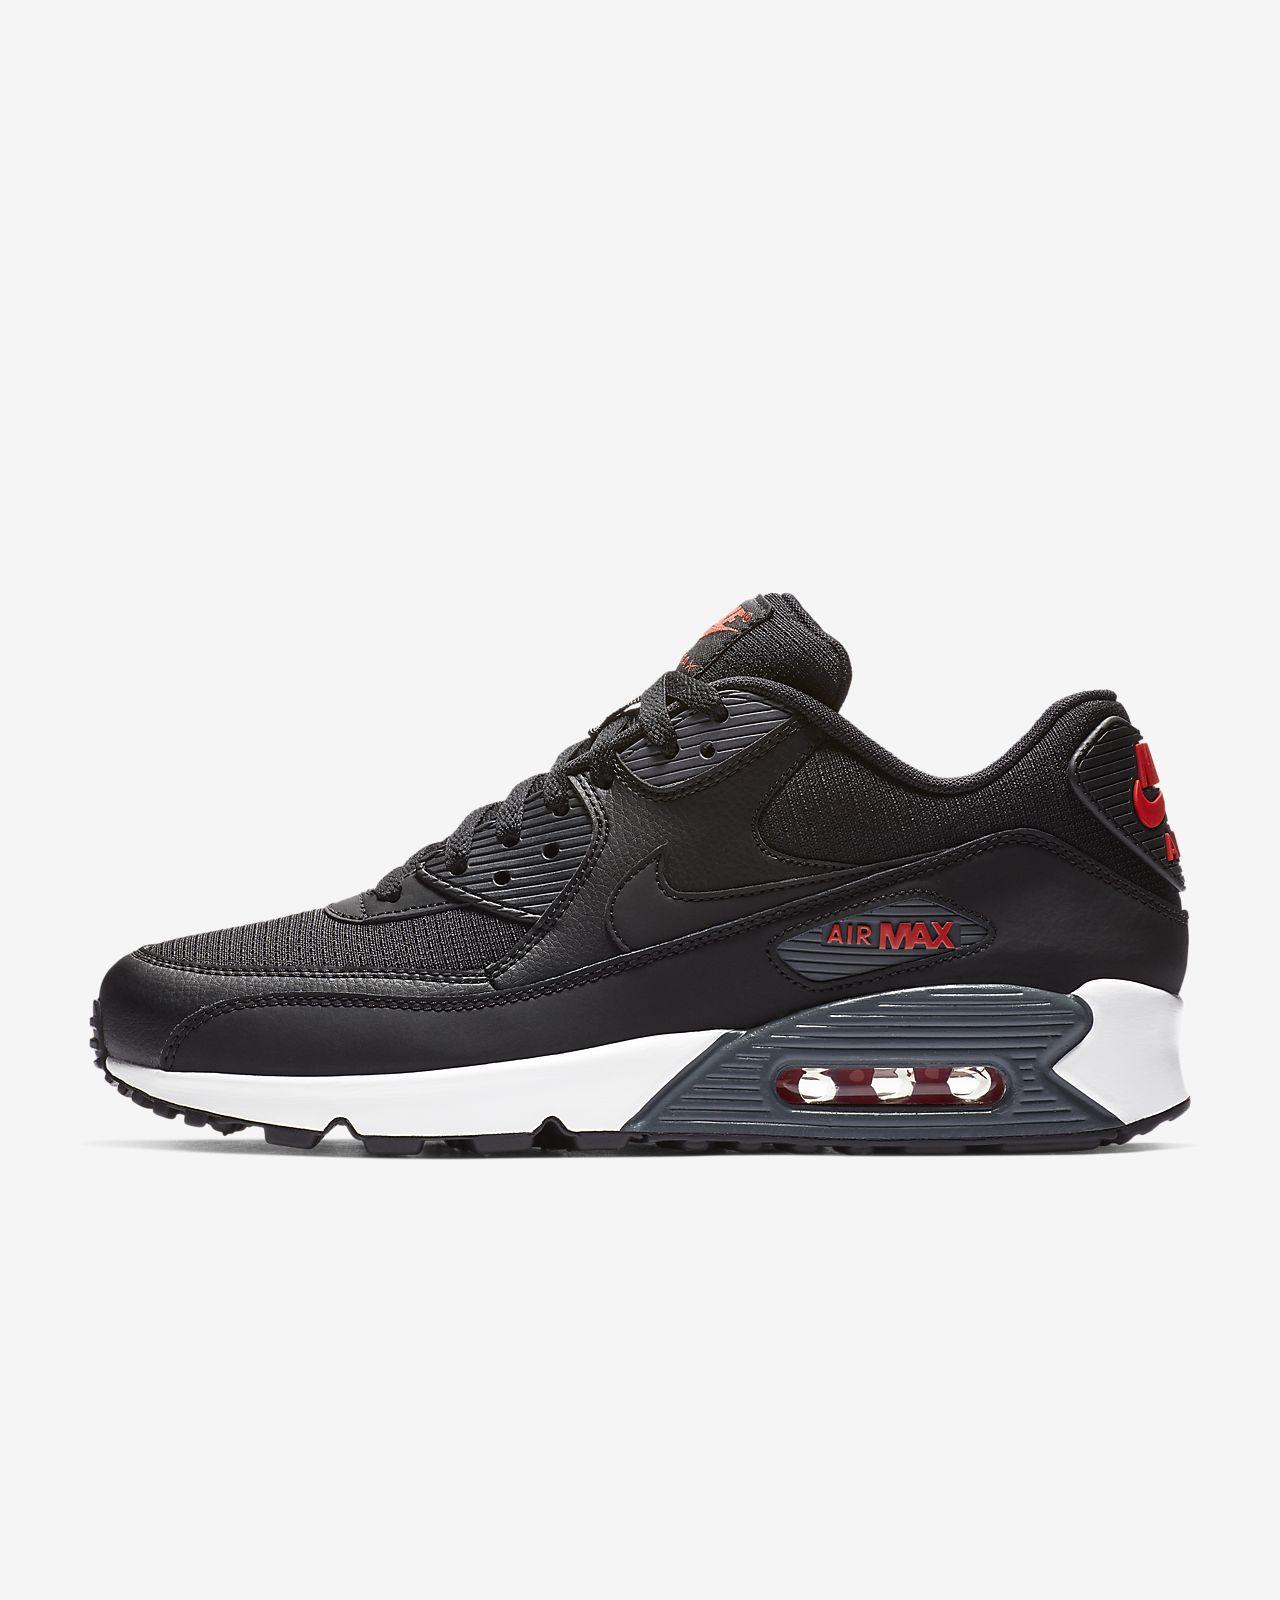 a16c0a44a4de25 Chaussure Nike Air Max 90 SE pour Homme. Nike.com CA